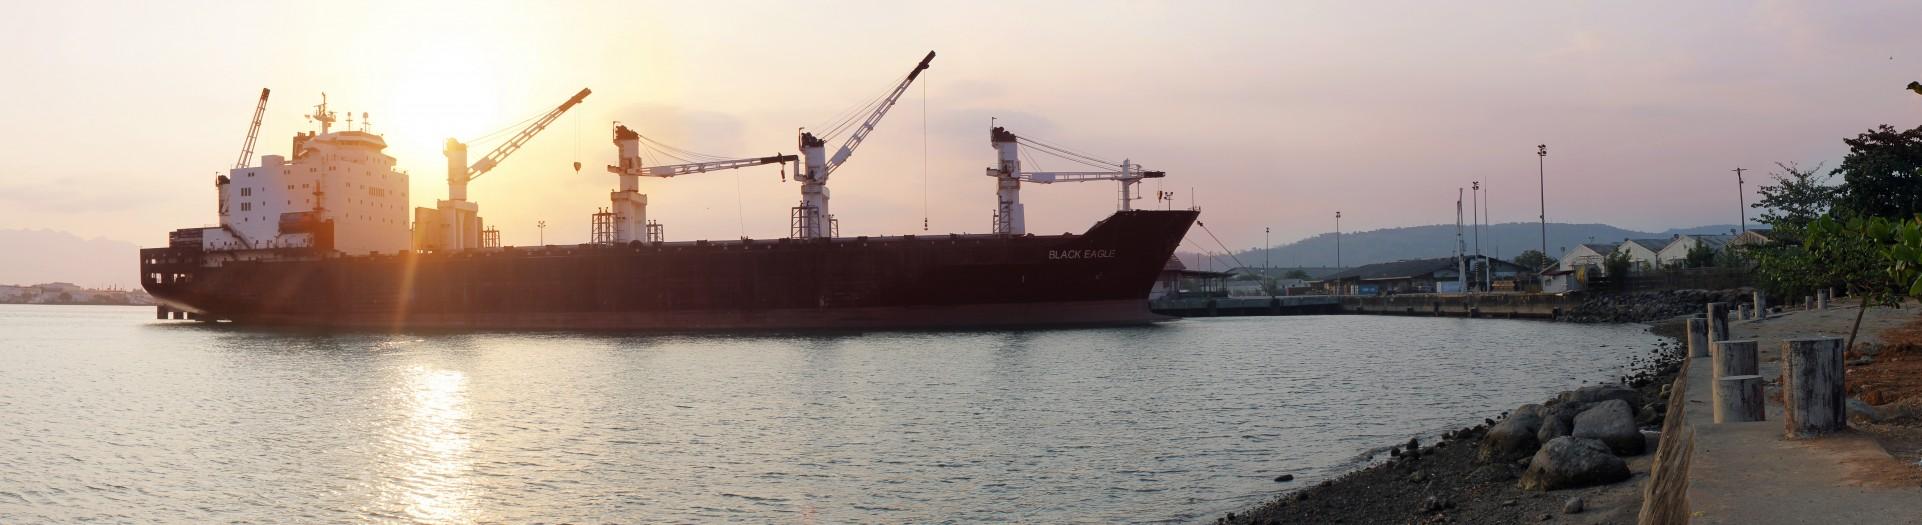 ship-698057-e1437068316436